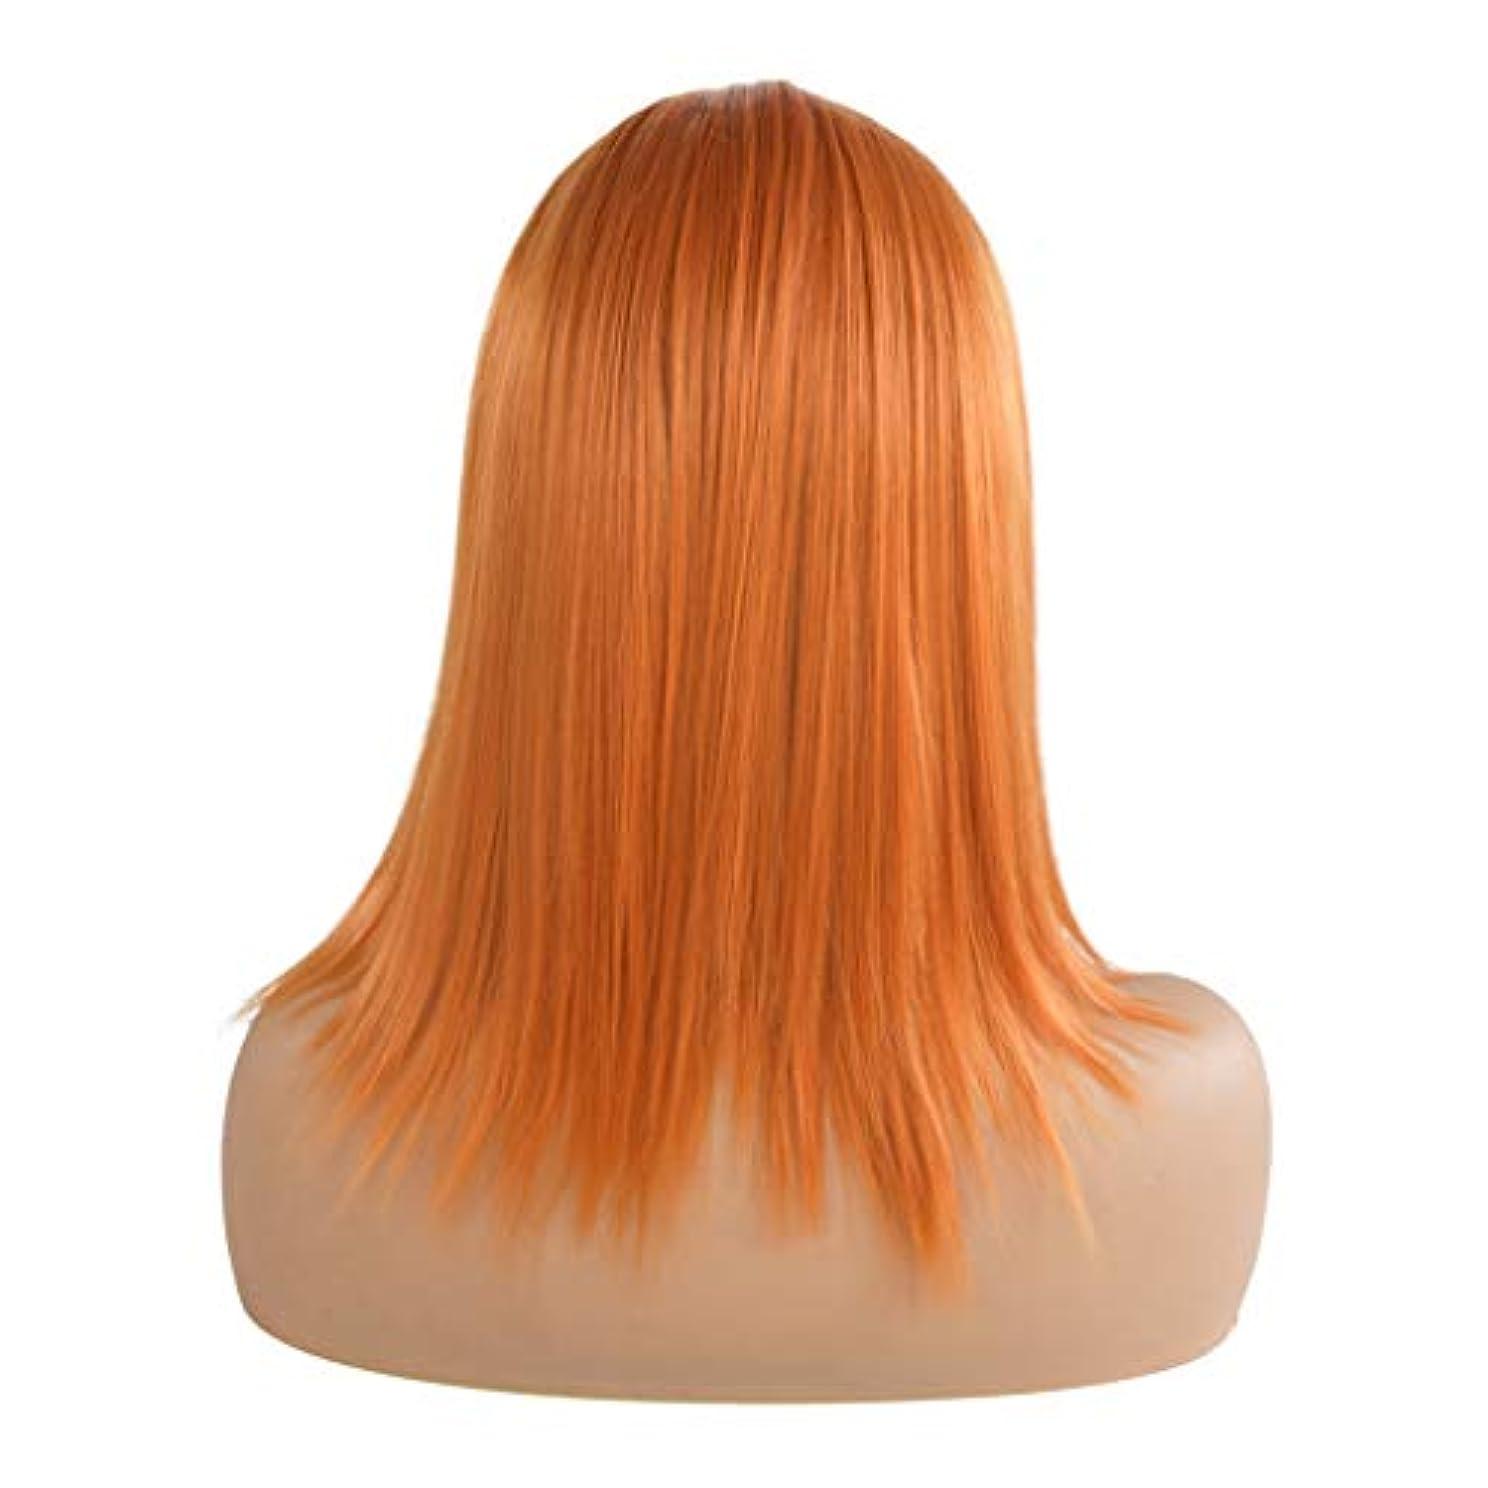 記述するポークキリスト教ウィッグオレンジショートストレートヘアフロントレースファッションウィッグ18インチ